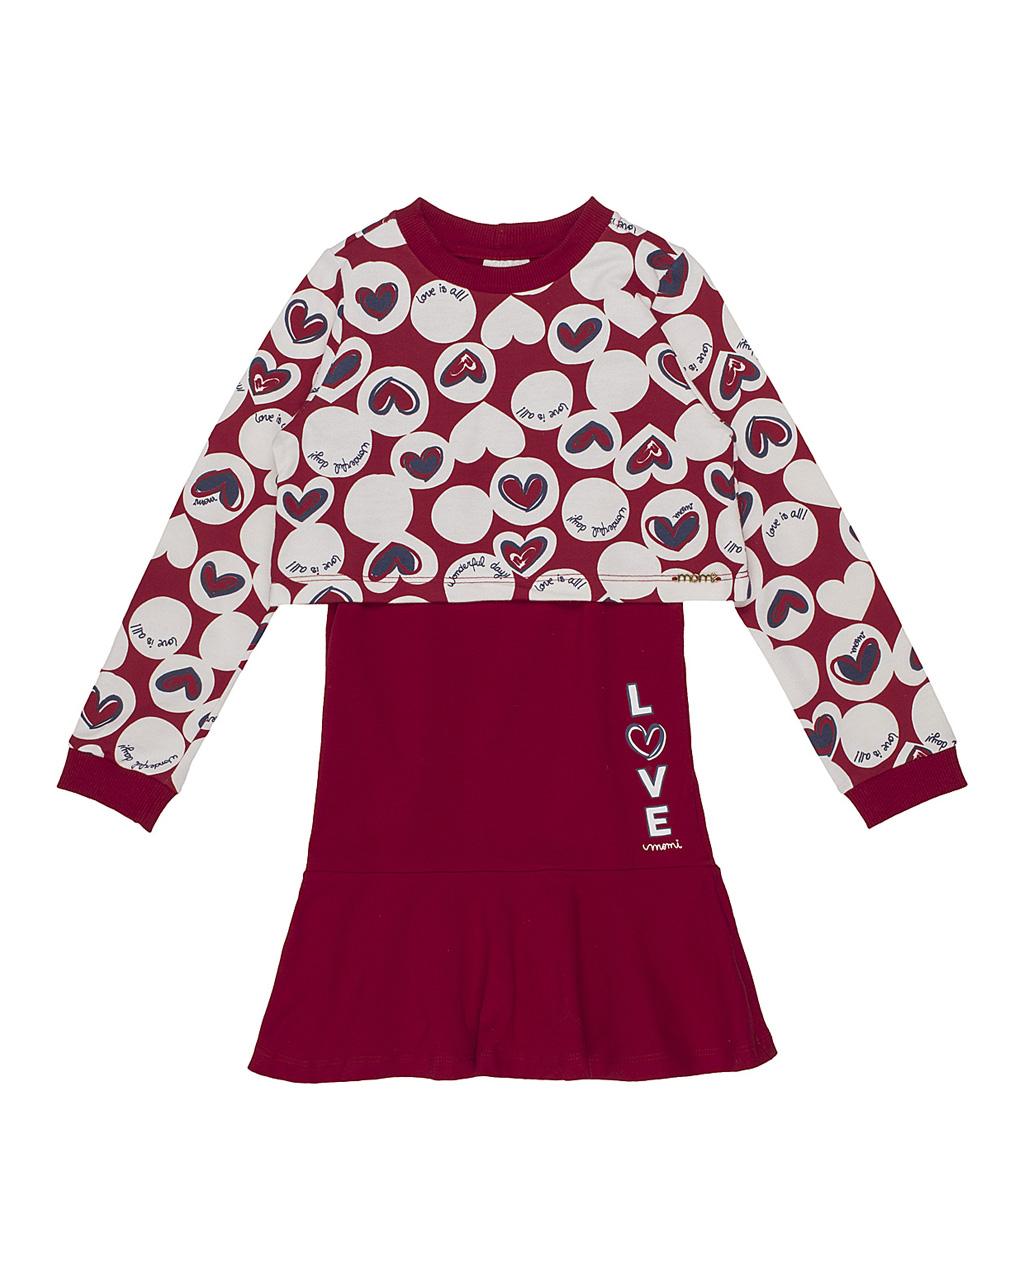 Conjunto Infantil Blusa Moletom Póas Coração E Vestido Vermelho Momi